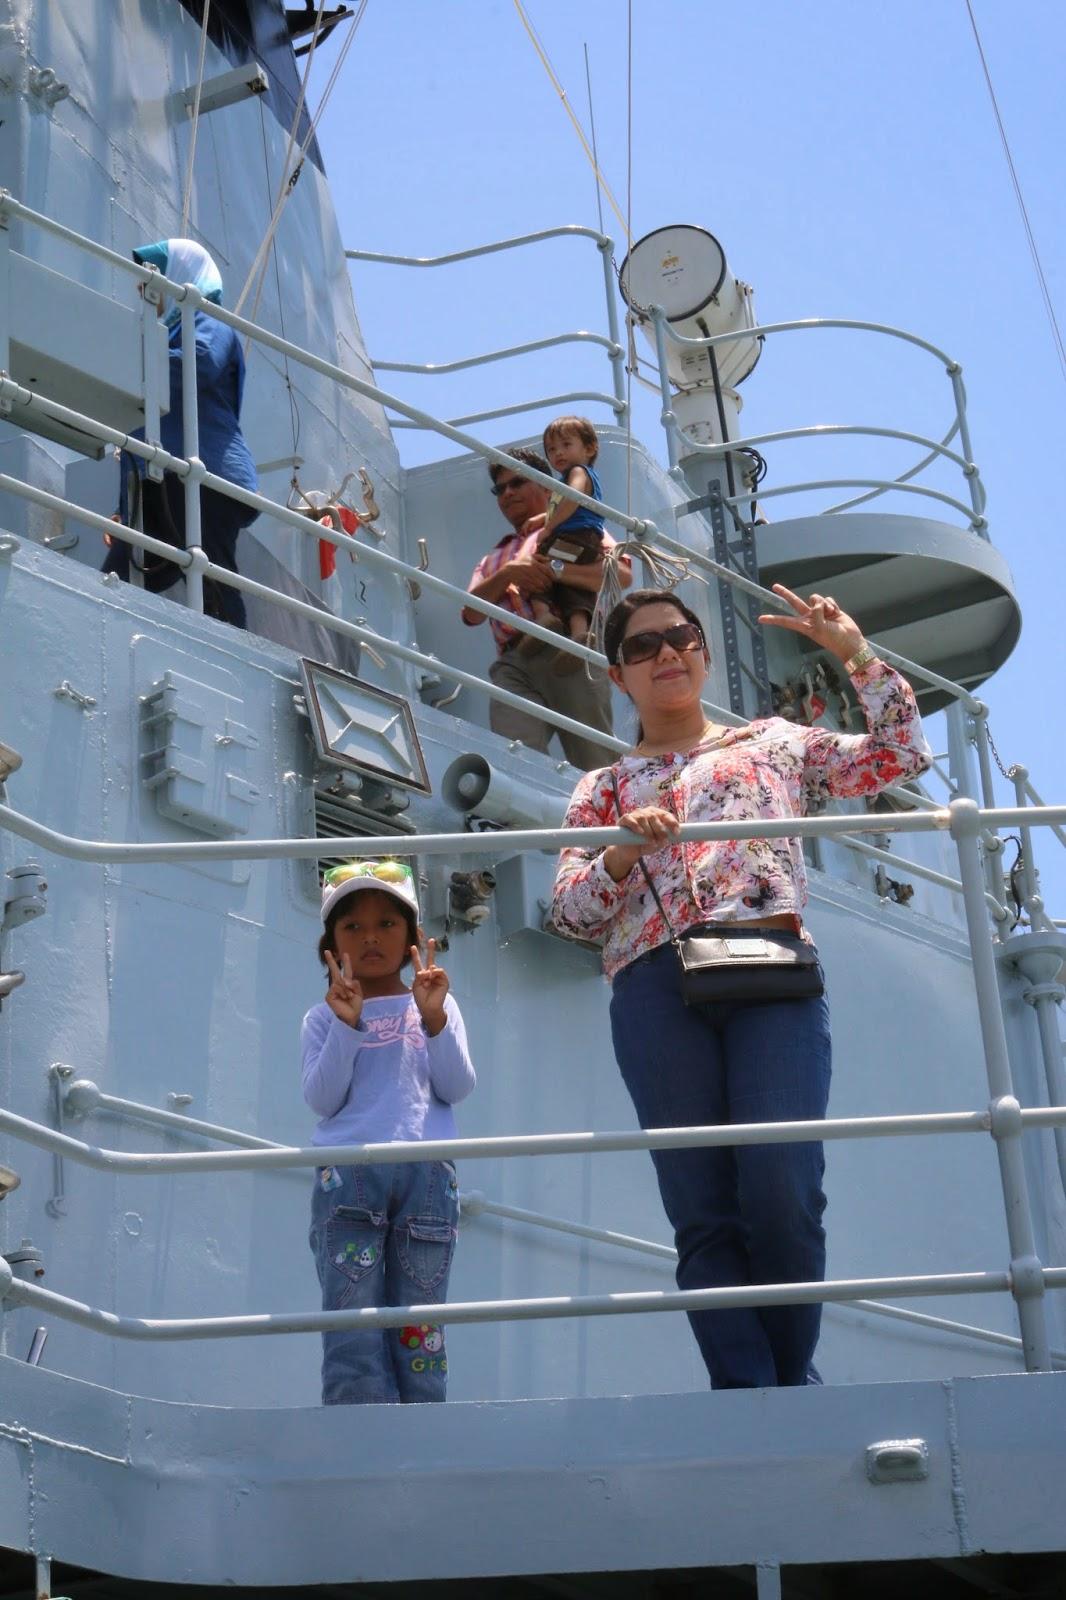 Fleet Navy Open Day 2014 (Hari Terbuka Armada TLDM 2014)